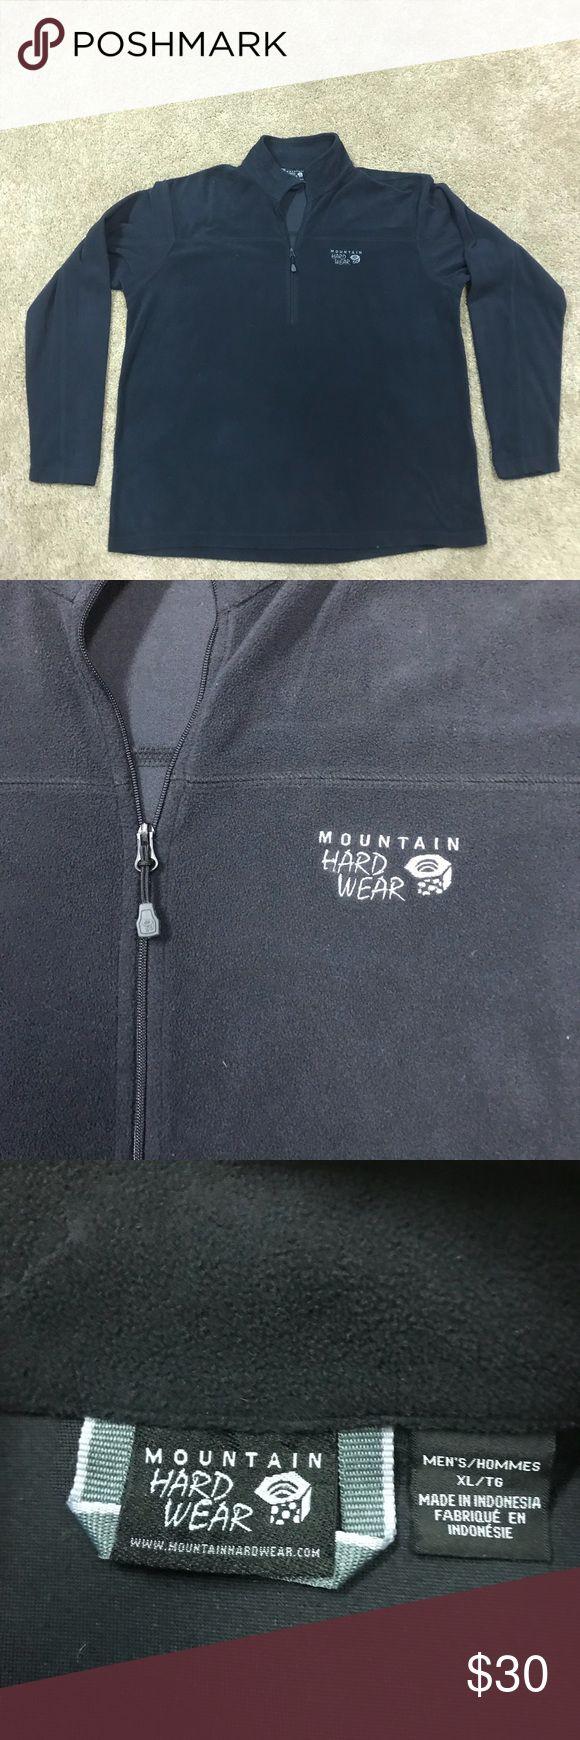 Mountain Hard Ware Men's Fleece Pullover Jacket XL Men's size XL Mountain Hard Ware fleece lightweight pullover. Excellent condition ! Mountain Hard Wear Jackets & Coats Lightweight & Shirt Jackets